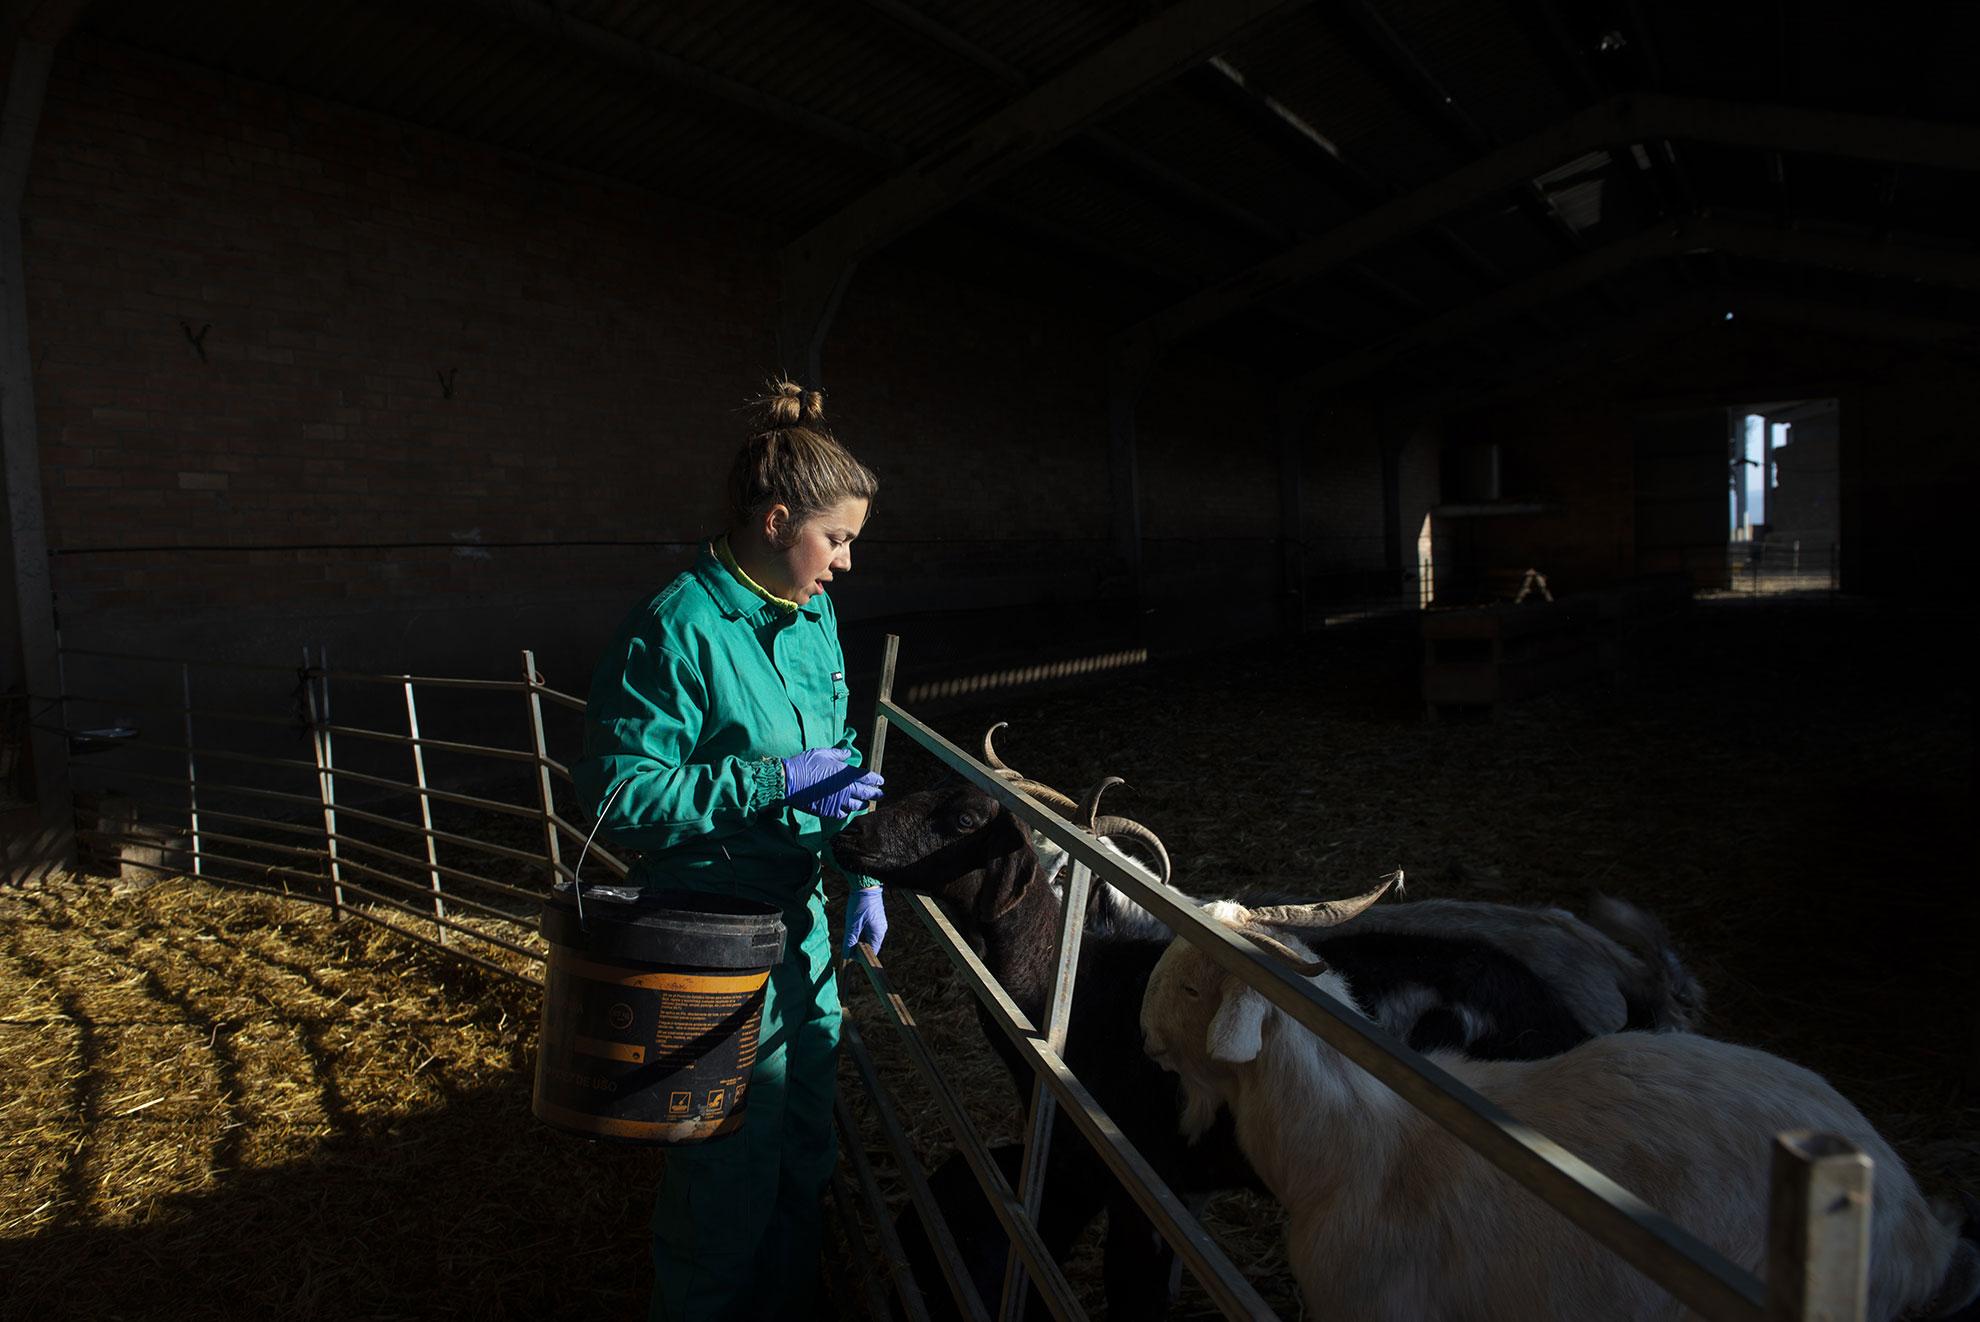 Judit tiene 28 años y es una de las pocas ganaderas en Aragón que se dedica al pastoreo tradicional de ovejas y cabras y practica la trashumancia; un tipo de pastoreo en vias de estinción en todo el pais. Durante la crísis del covid-19 y, apesar del estado de alarma, sigue cuidadn su rebaño. Por la mañana antes de salir al campo con las ovejas cuida a las cabras enfermas y ayuda a los cabritos a tetar de sus madres.